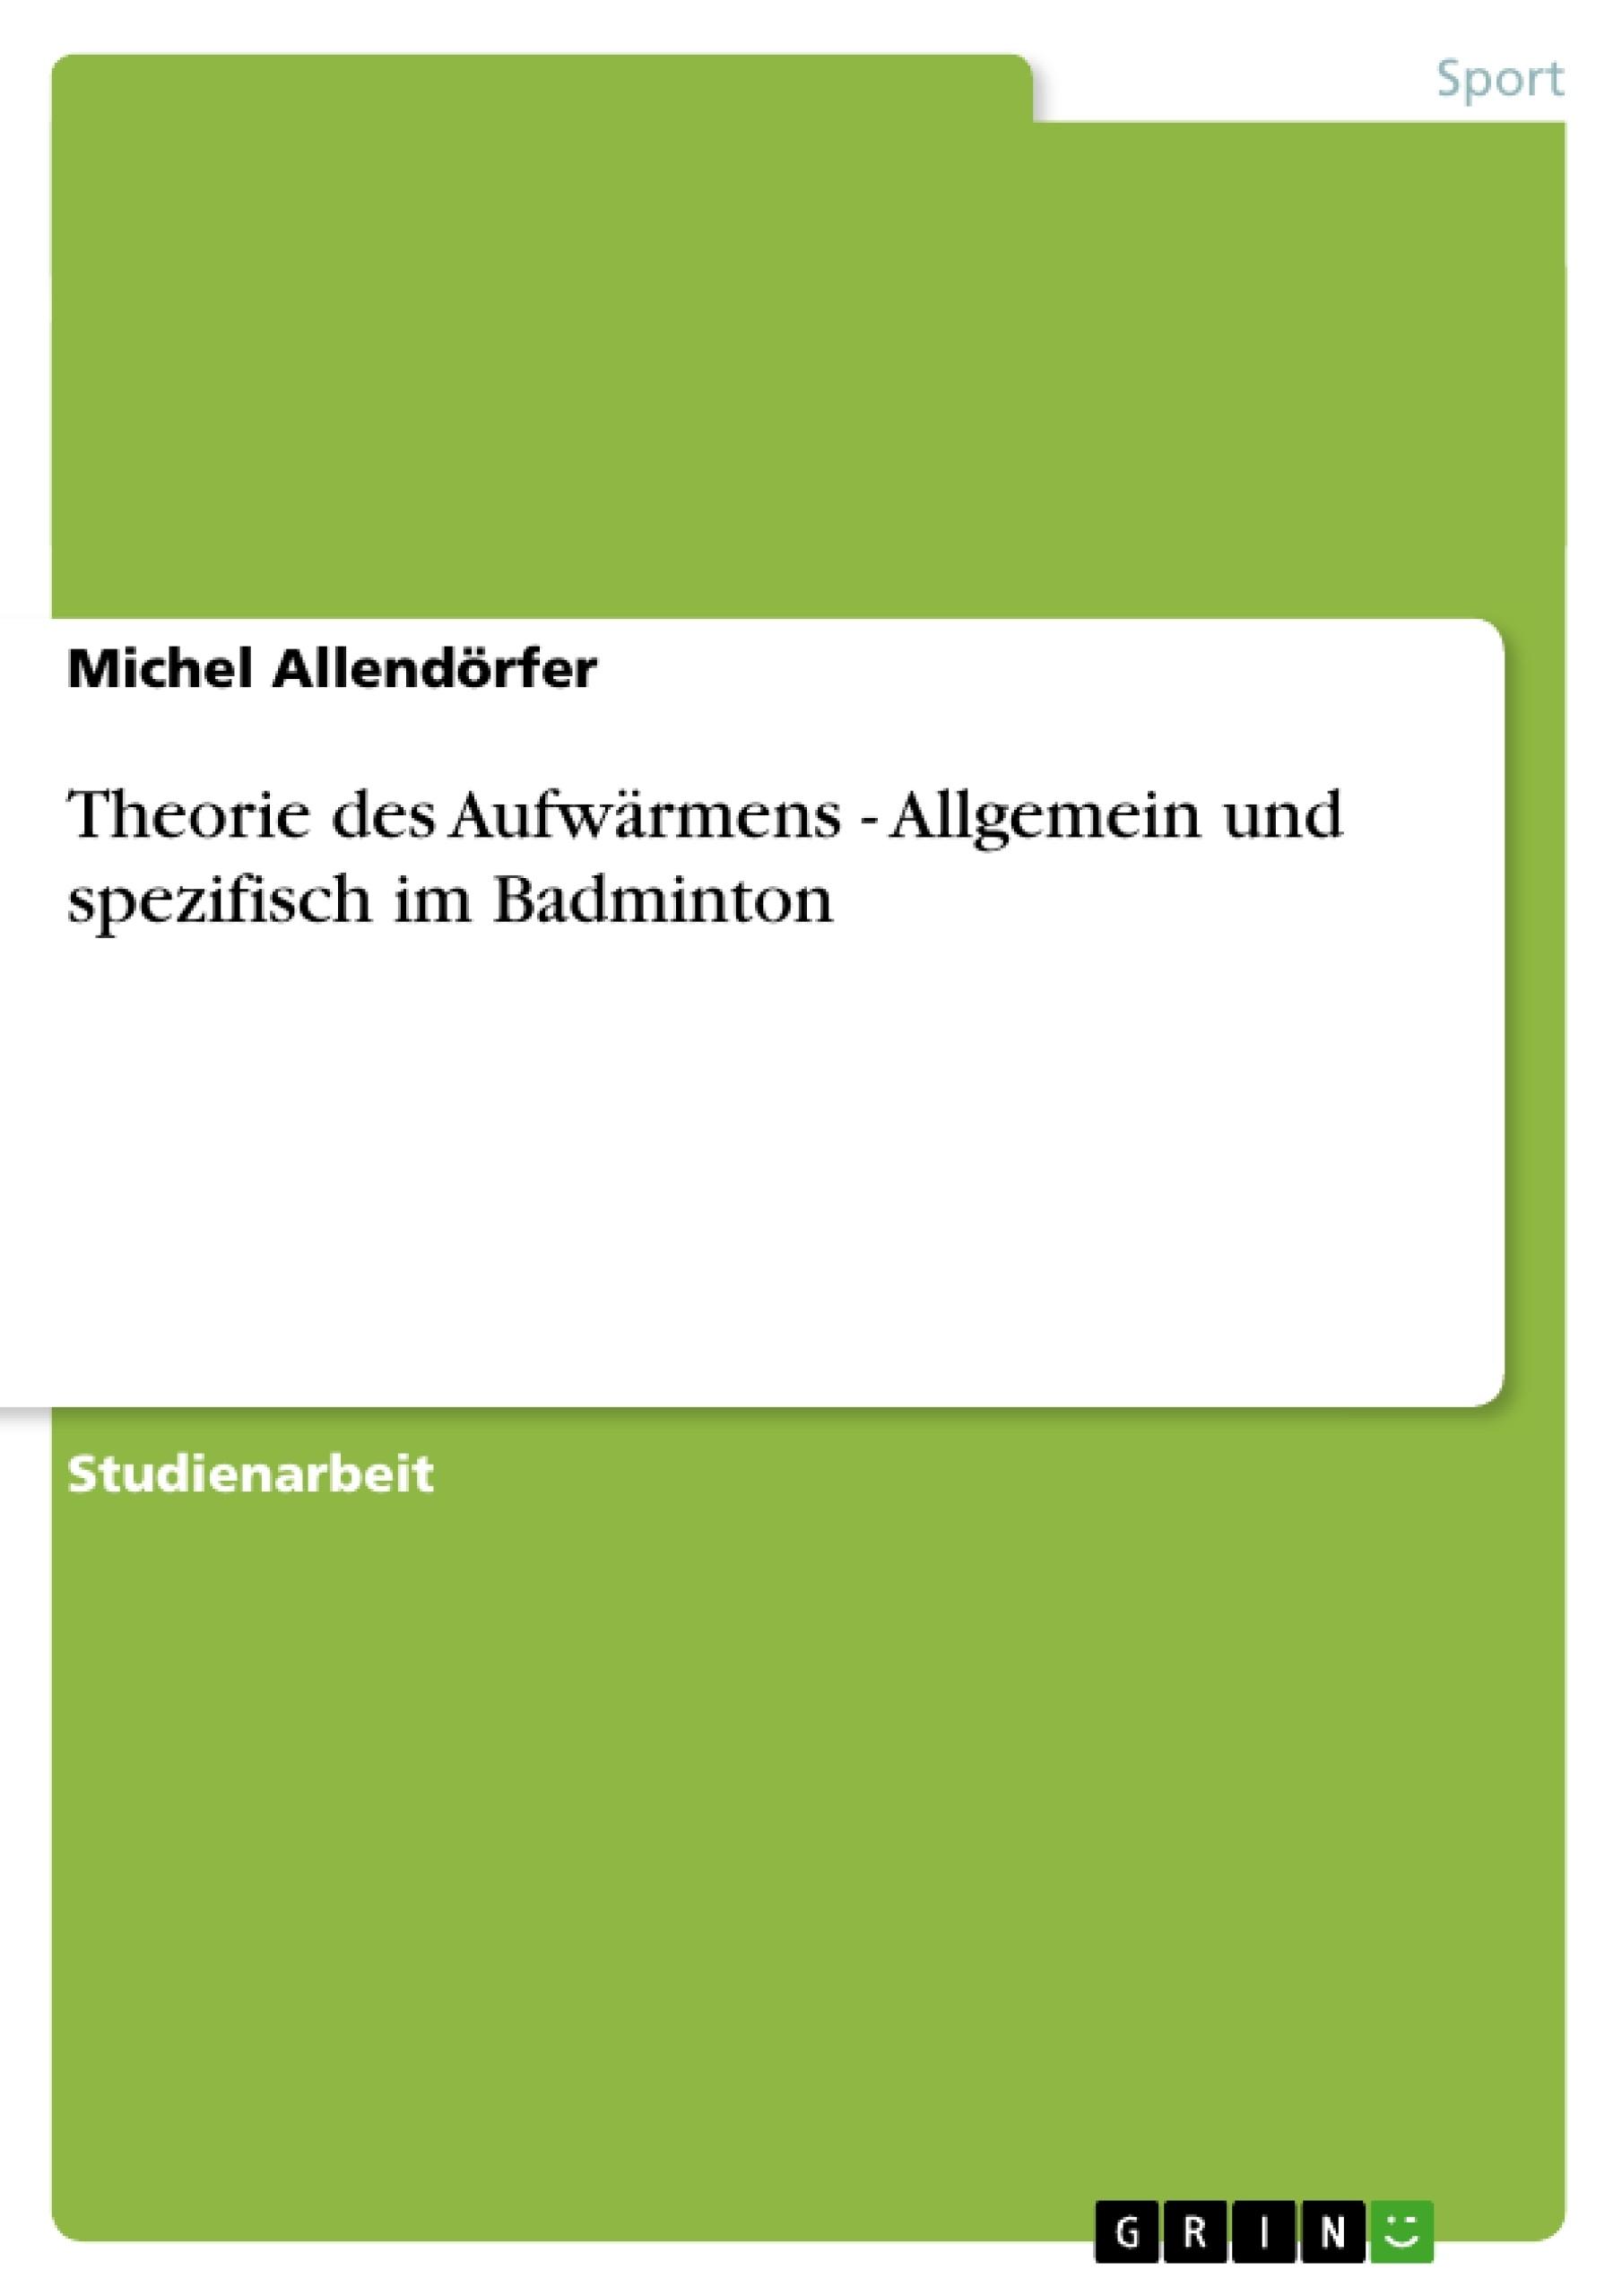 Titel: Theorie des Aufwärmens - Allgemein und spezifisch im Badminton